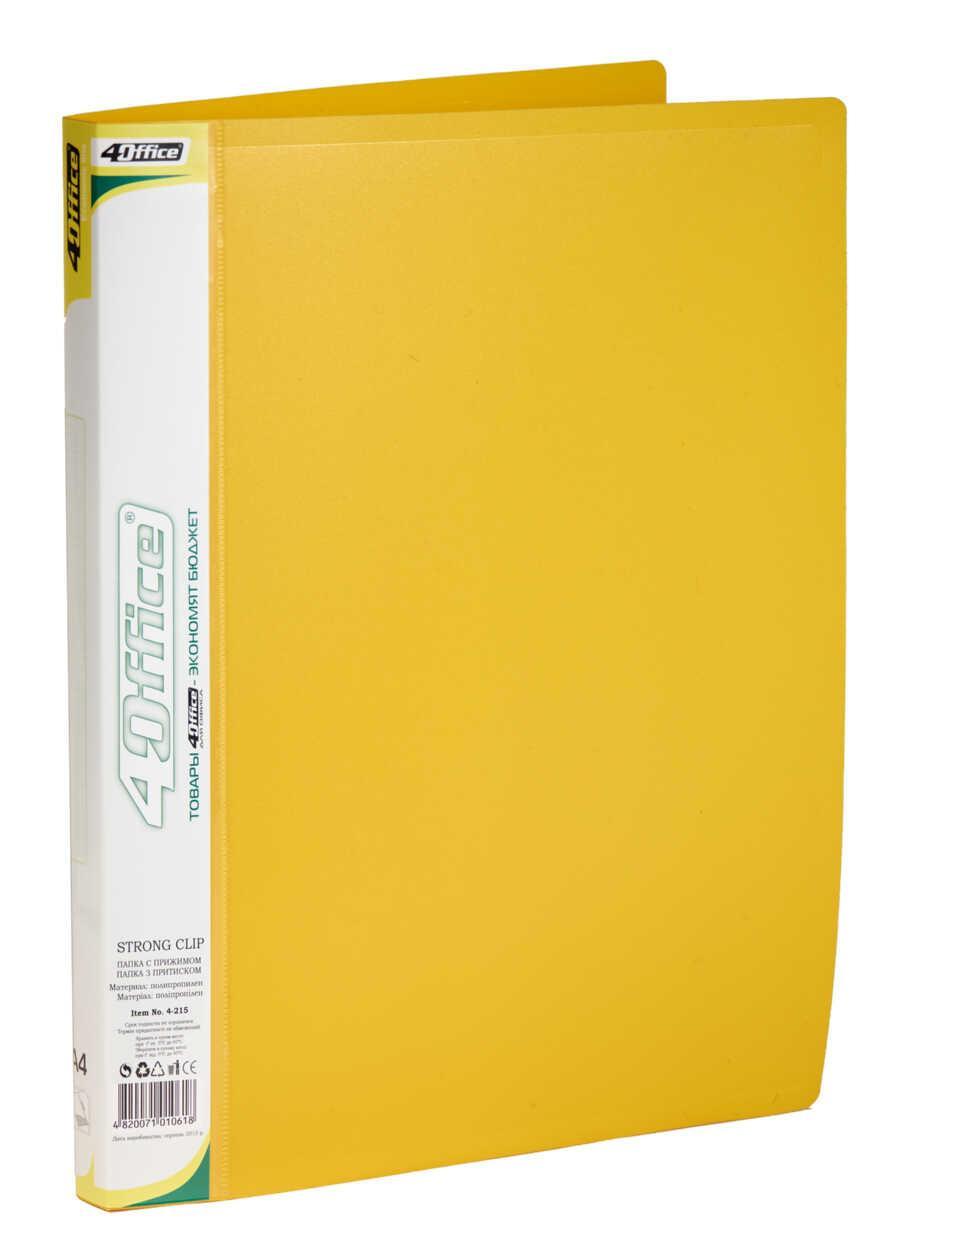 Папка, А4, с прижимом+карман, 450мкн PP, желтая, 4-215, 4OFFICE Ec.L.